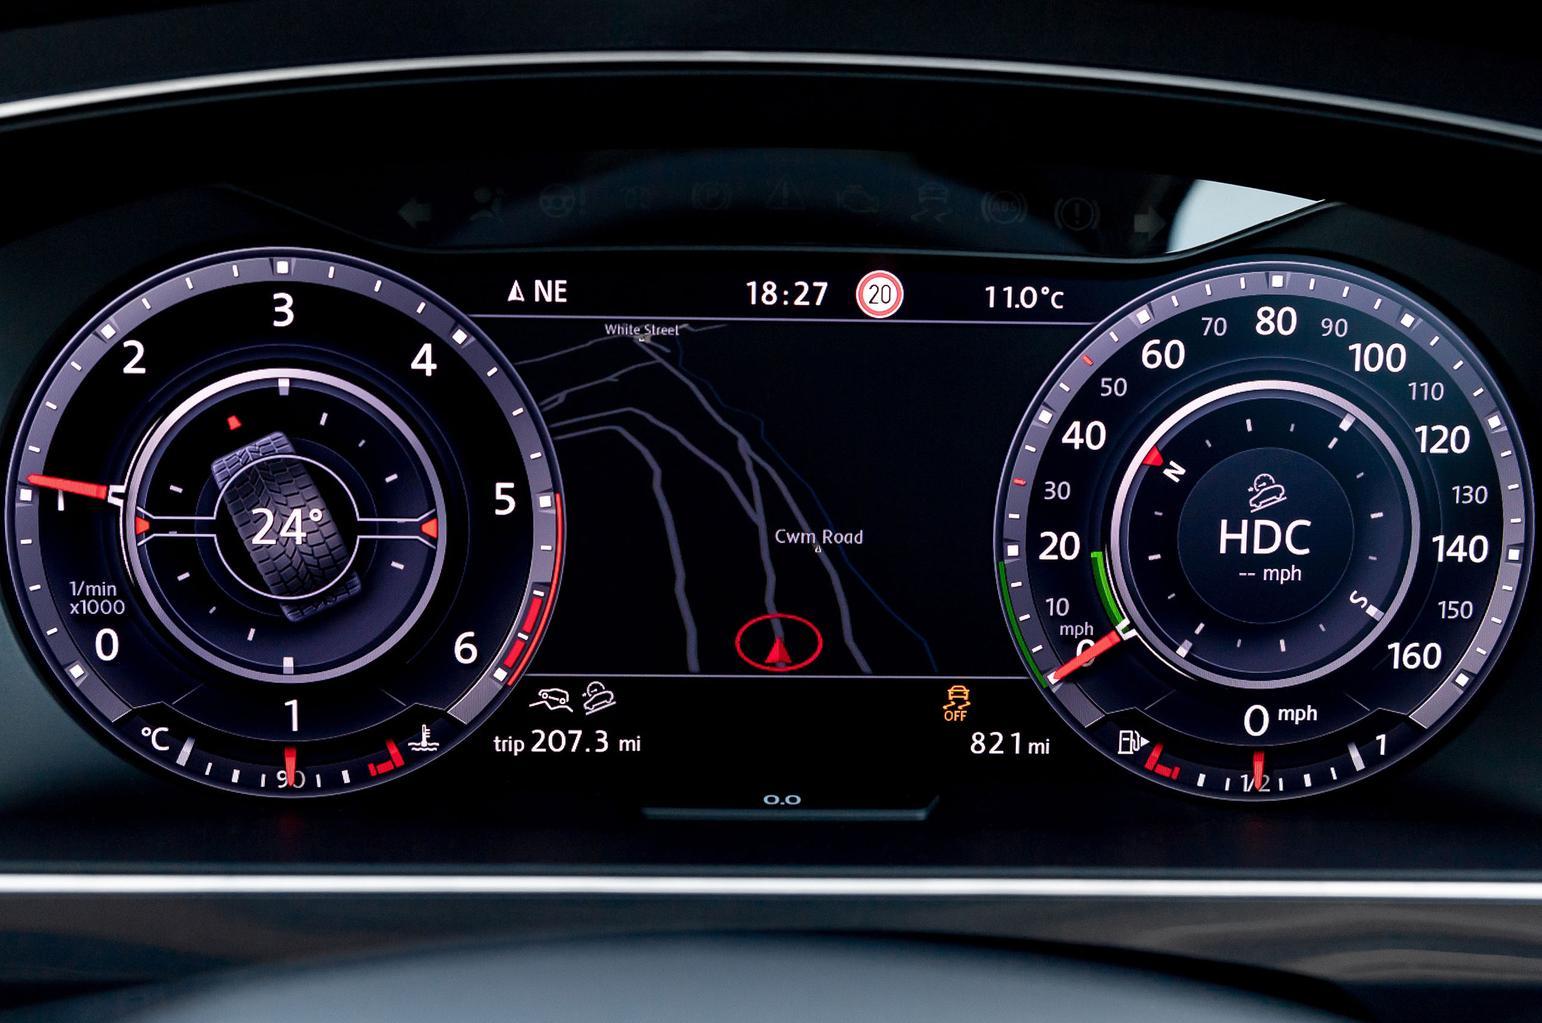 2016 Volkswagen Tiguan R-Line 2.0 TDI 150